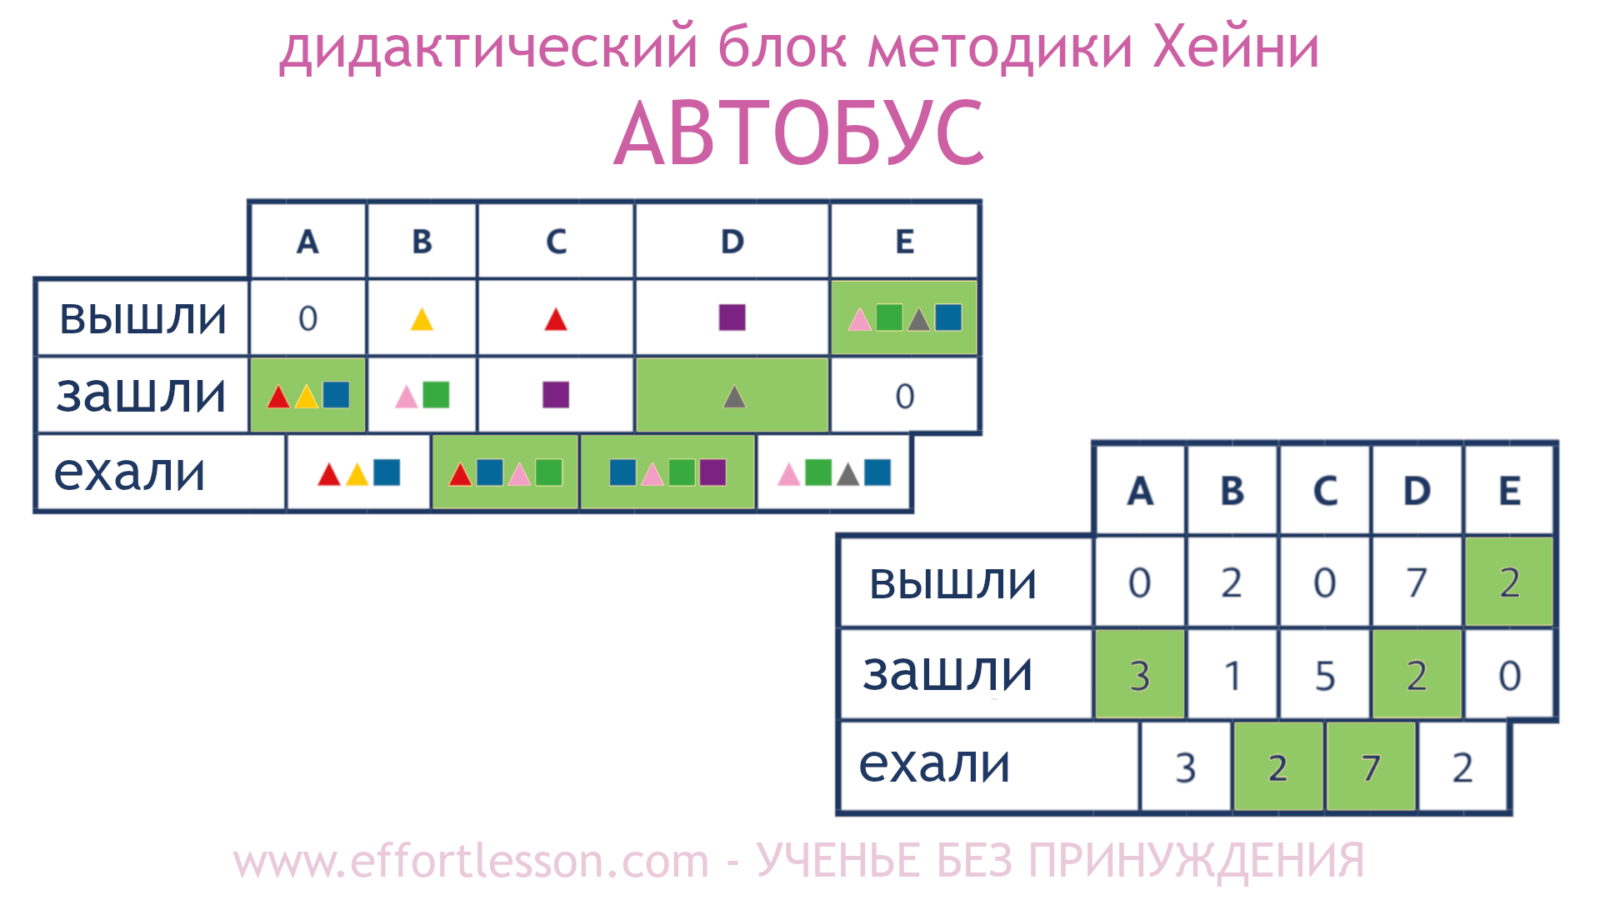 Таблица Автобус метод Хейни 7.1